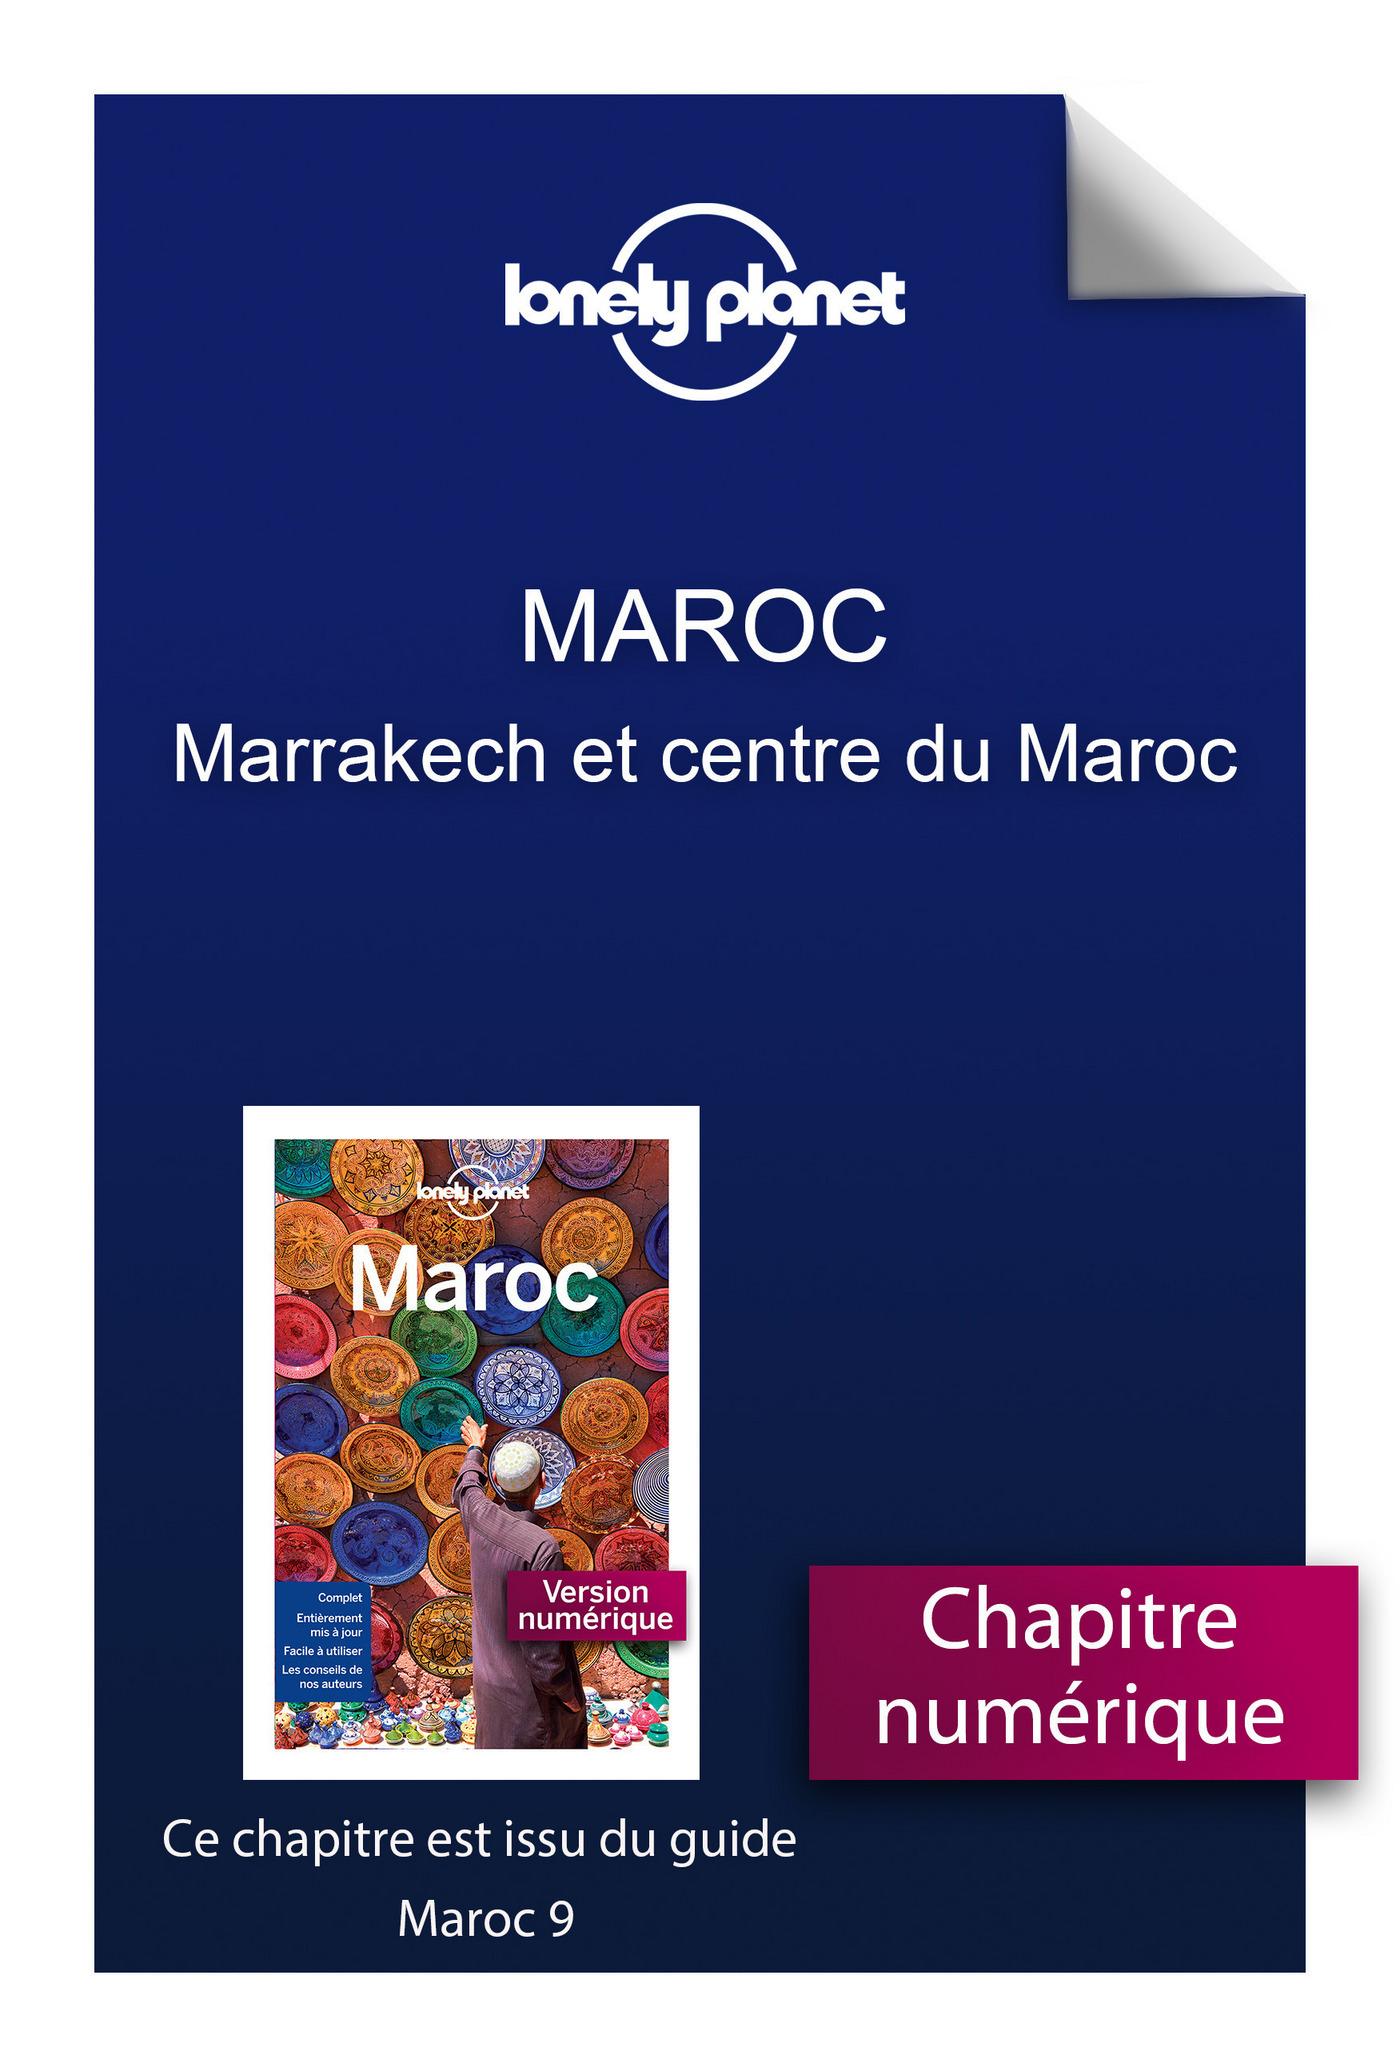 Maroc 9 - Marrakech et centre du Maroc